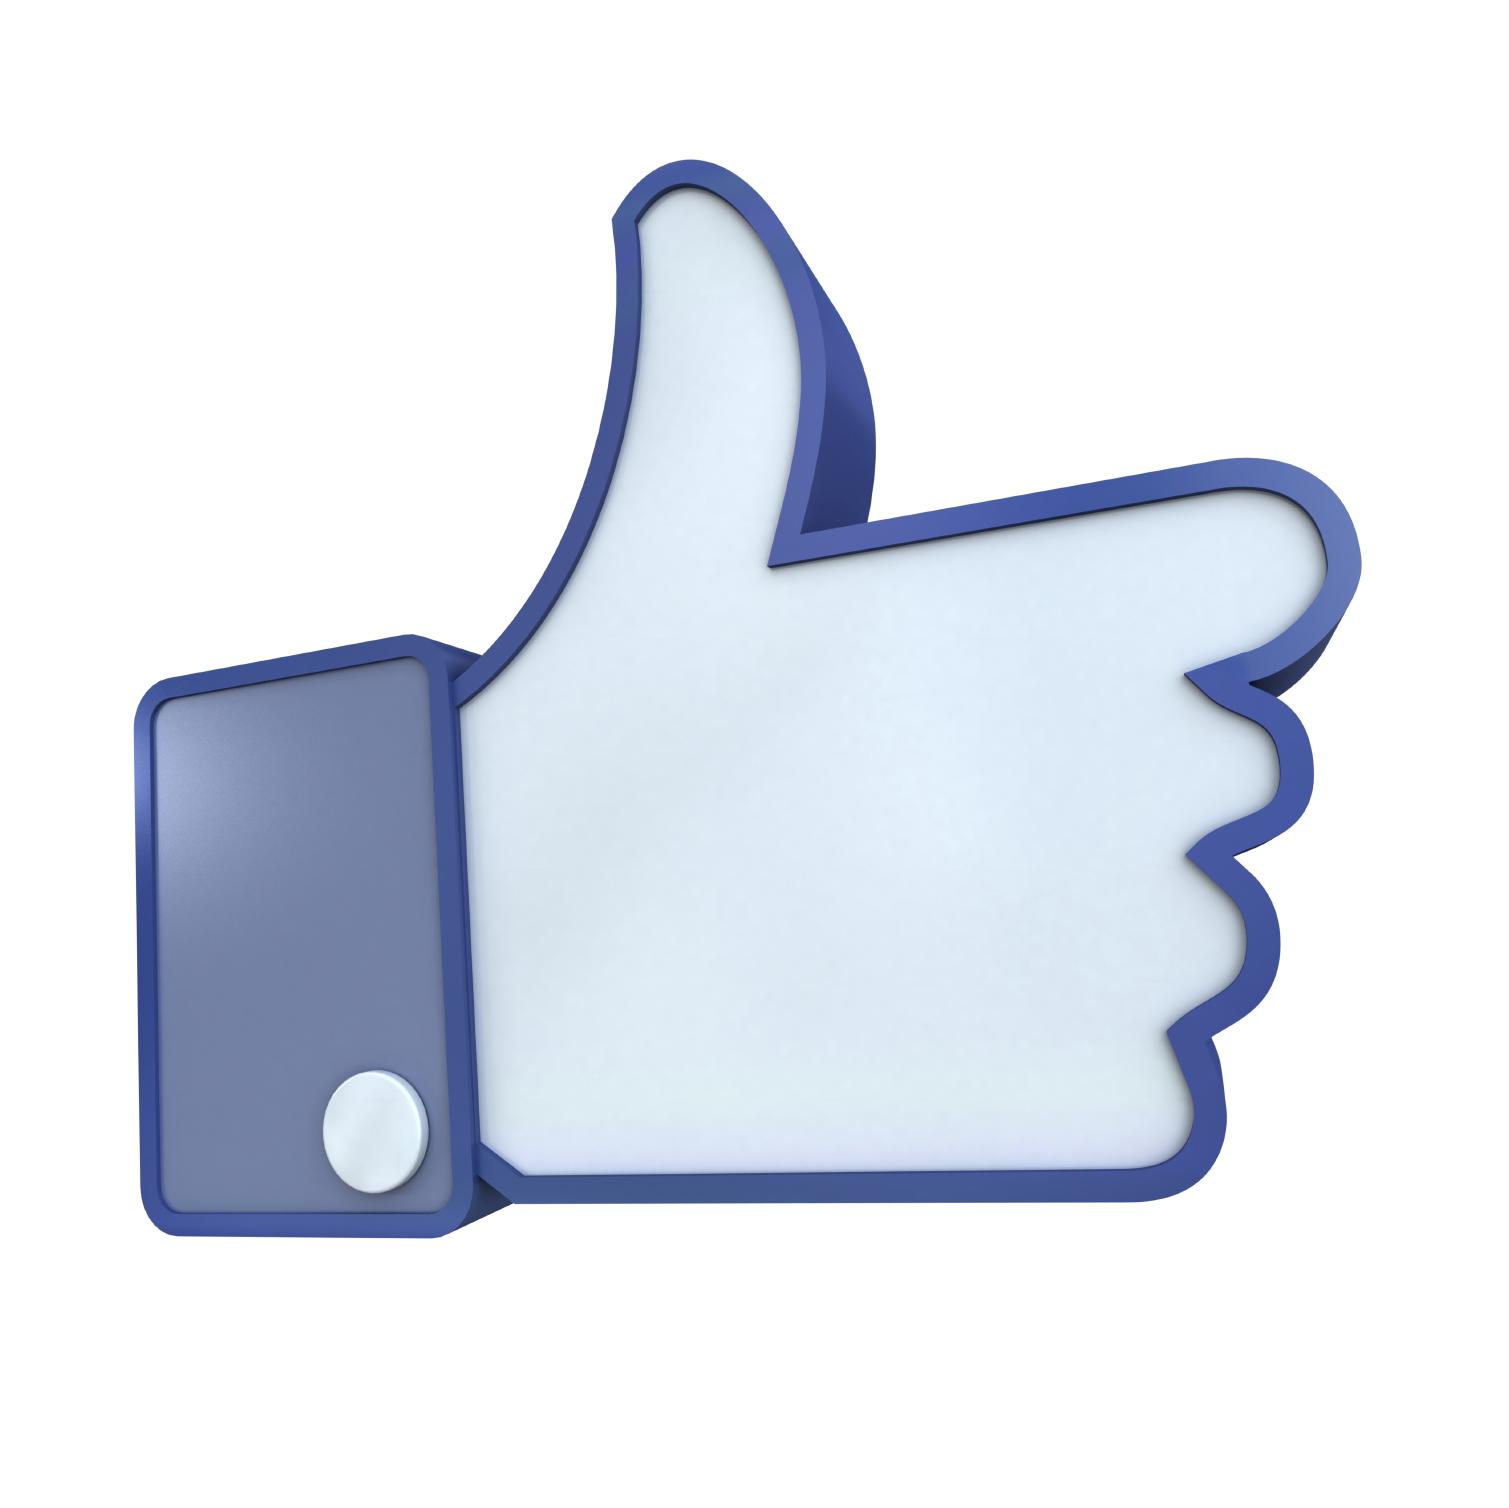 Smarty Symbols  Home  Facebook